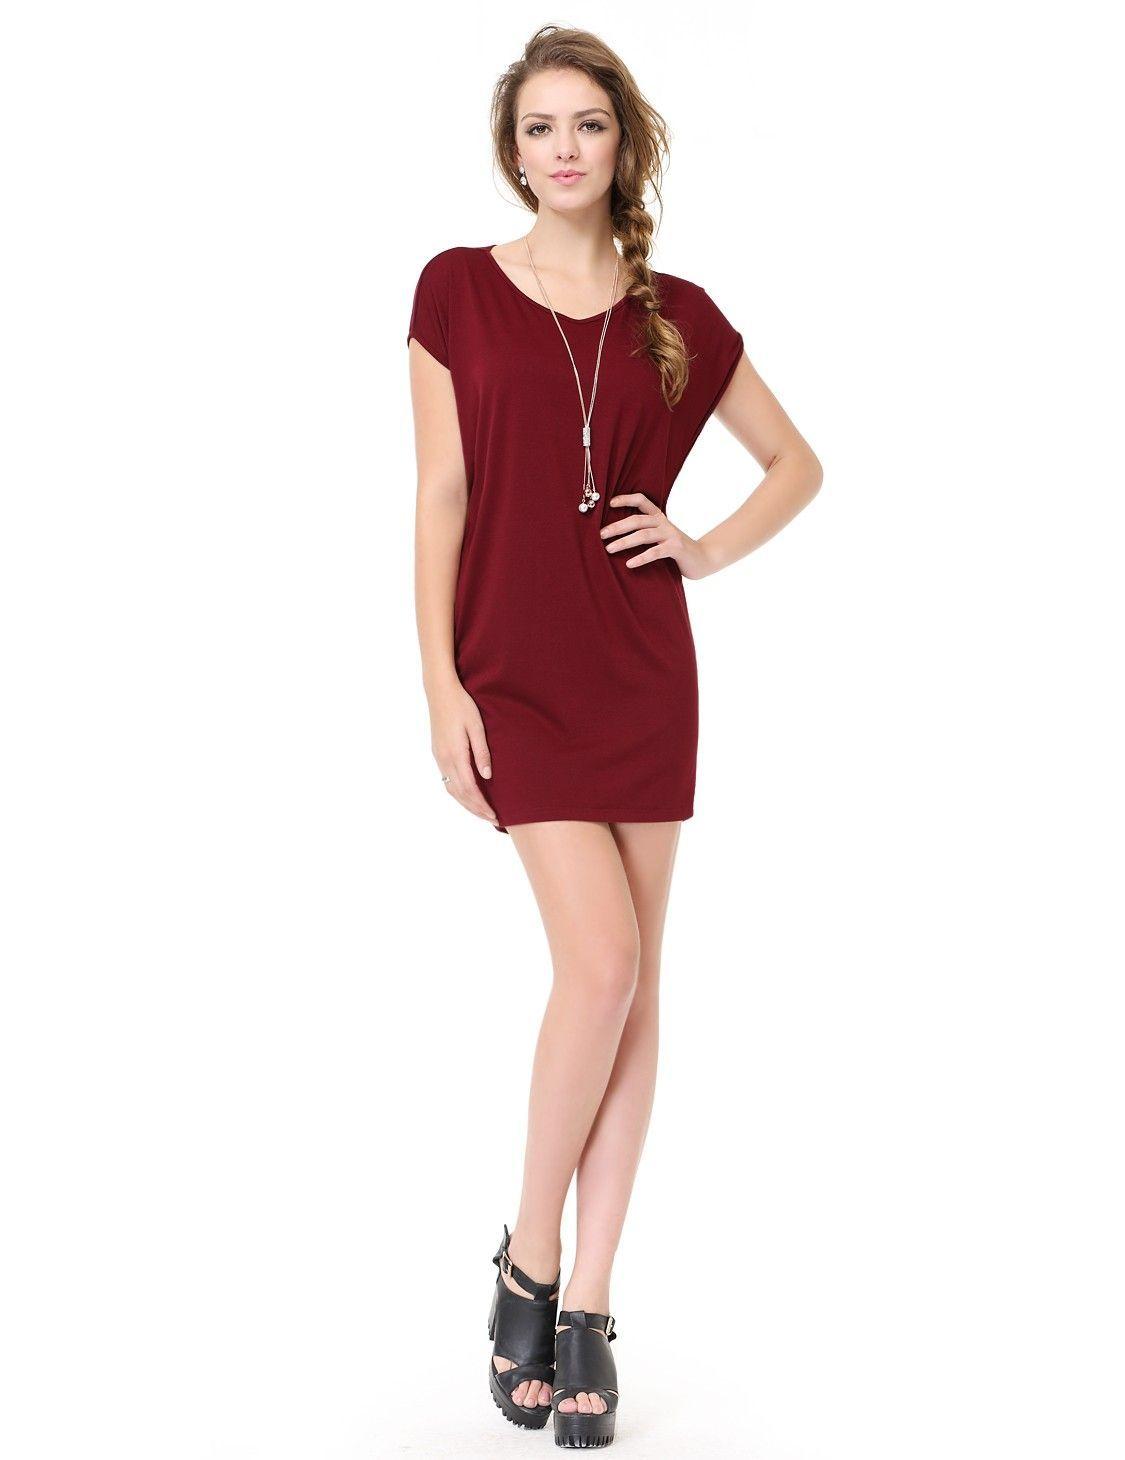 Halbarm Sommerkleid Dunkel Rot #mode #damenmode #fashion #kleider